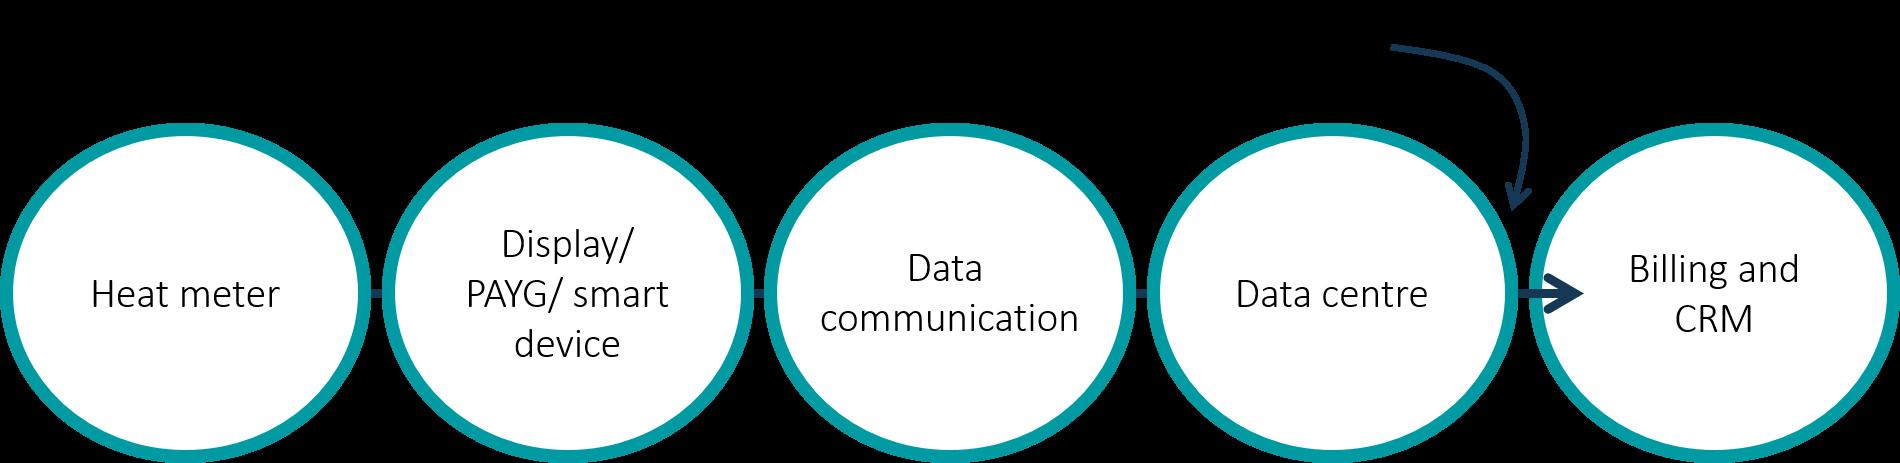 open API graphic